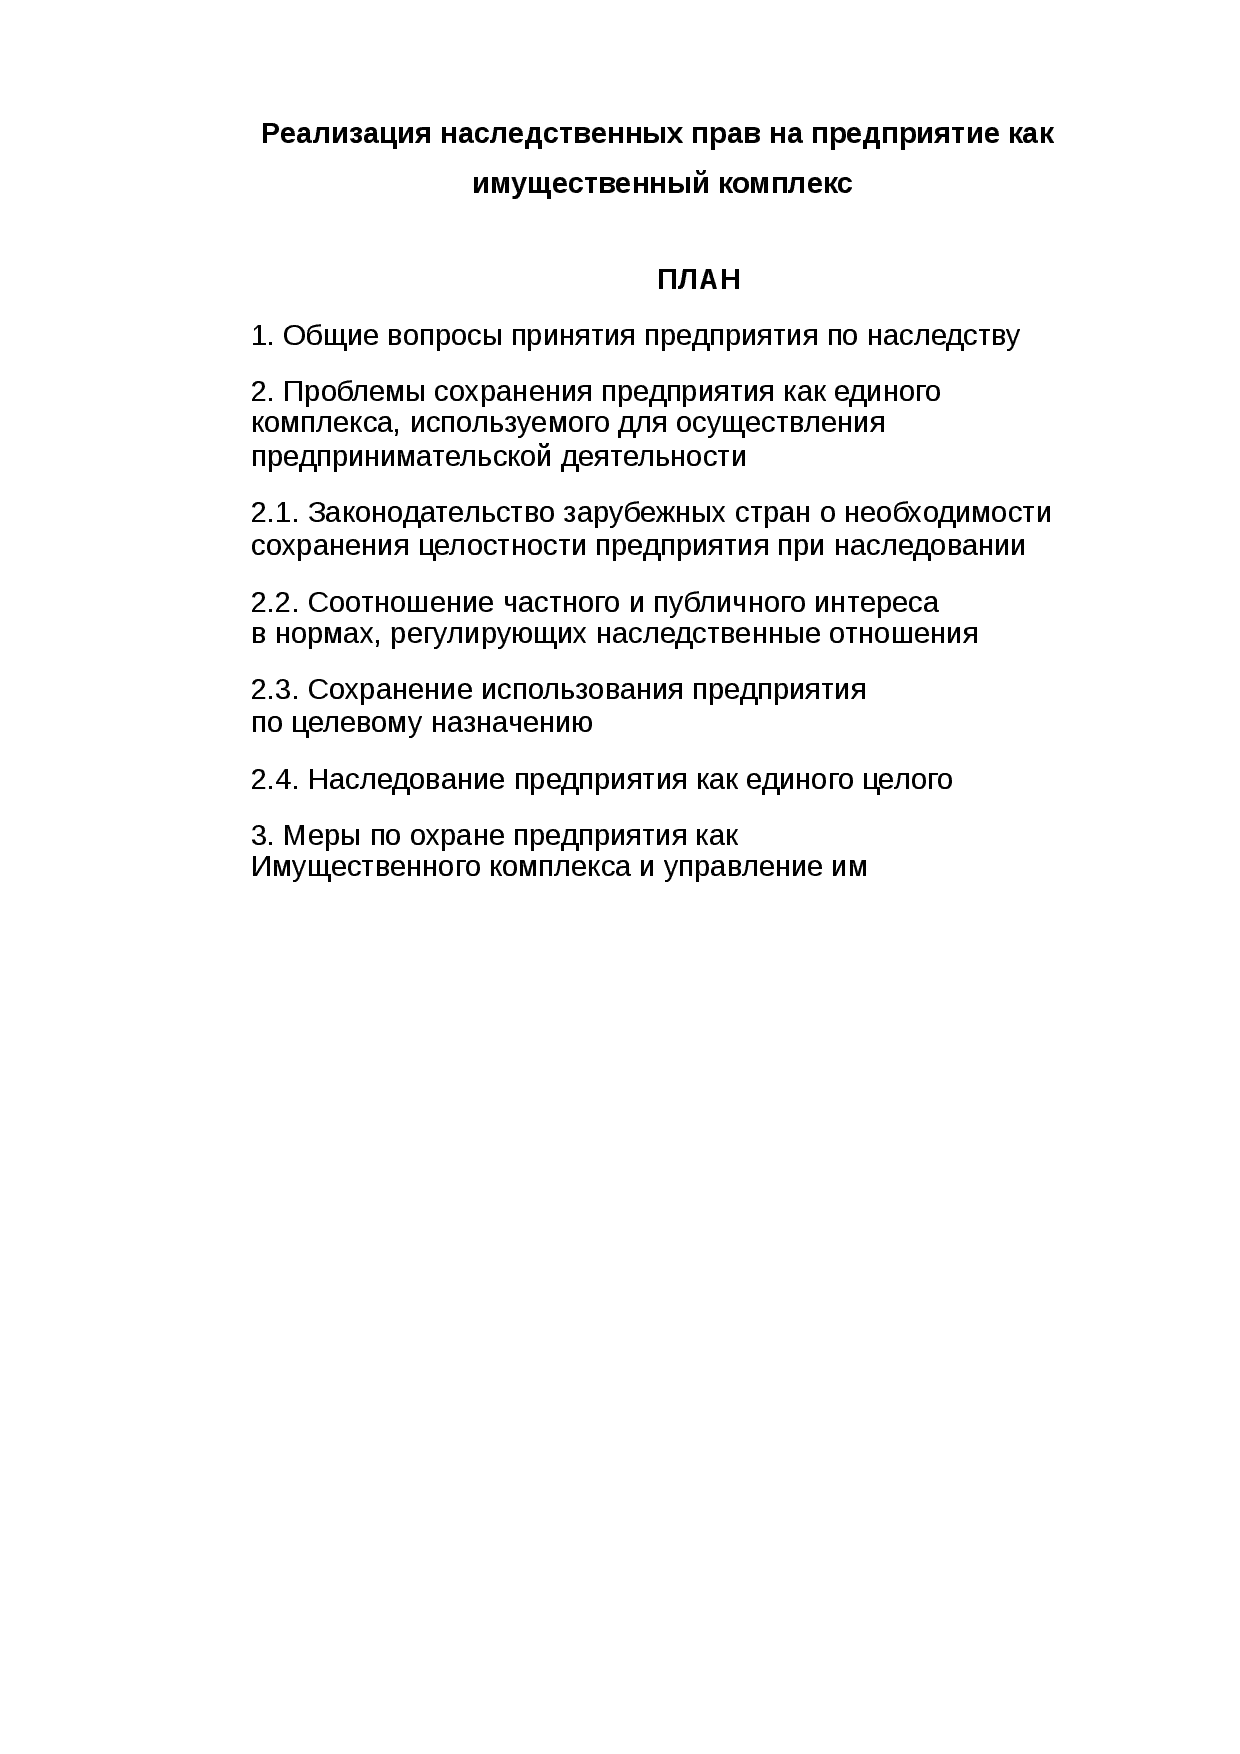 Оформление наследства: пошаговая инструкция